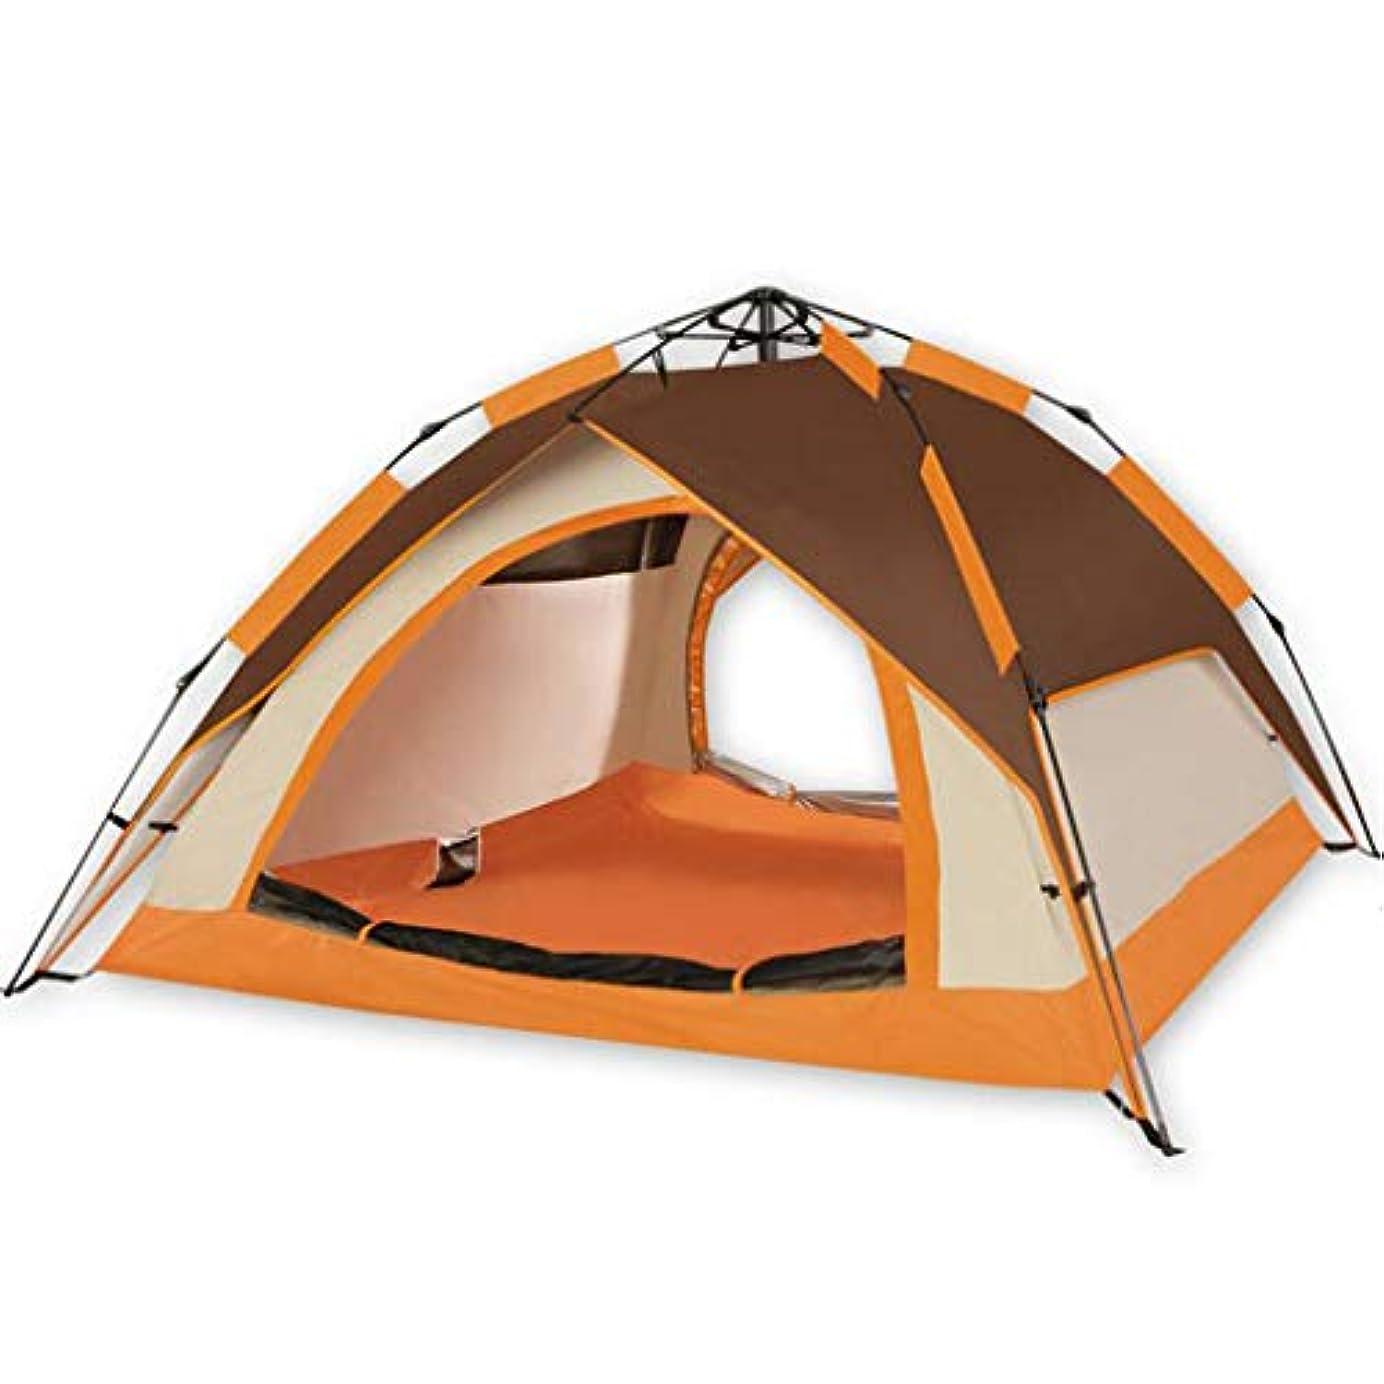 怠感皮肉痛いHUYYA ト キャンプテント 3-4人 防水、折りたたみ ポップアッインスタントセットアップハイキング用品 バックパック